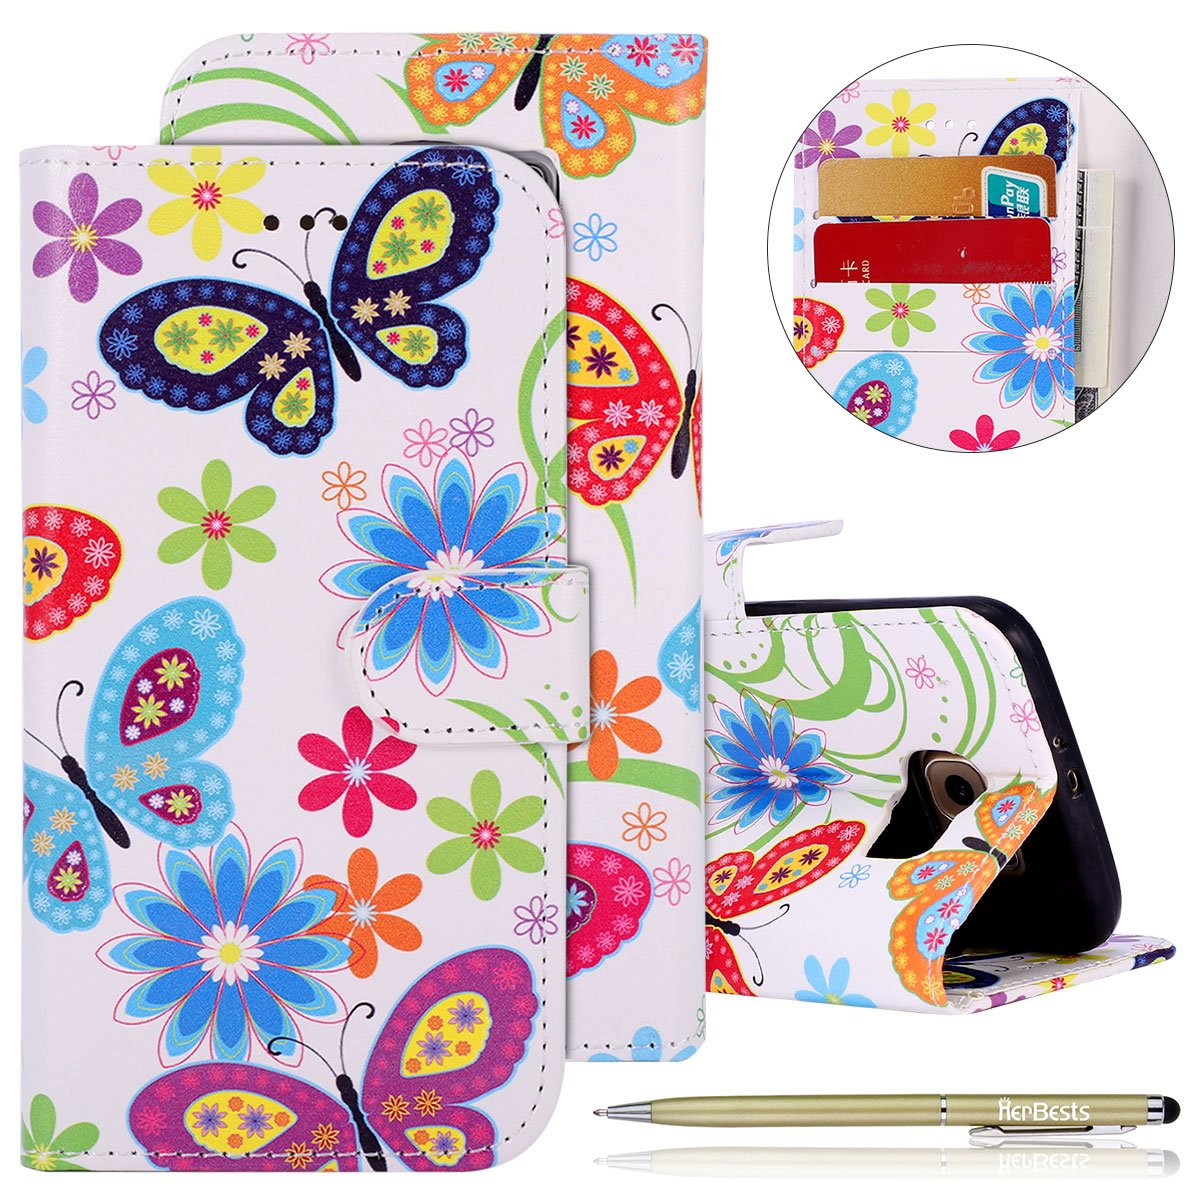 Herbests Kompatibel mit Handytasche Galaxy S6 Handy Schutzh/ülle Brieftasche Handy H/ülle Lederh/ülle Leder Tasche Handy Case Handytasche Wallet Klapph/ülle Flipcase Cover,Rose Gold Marmor